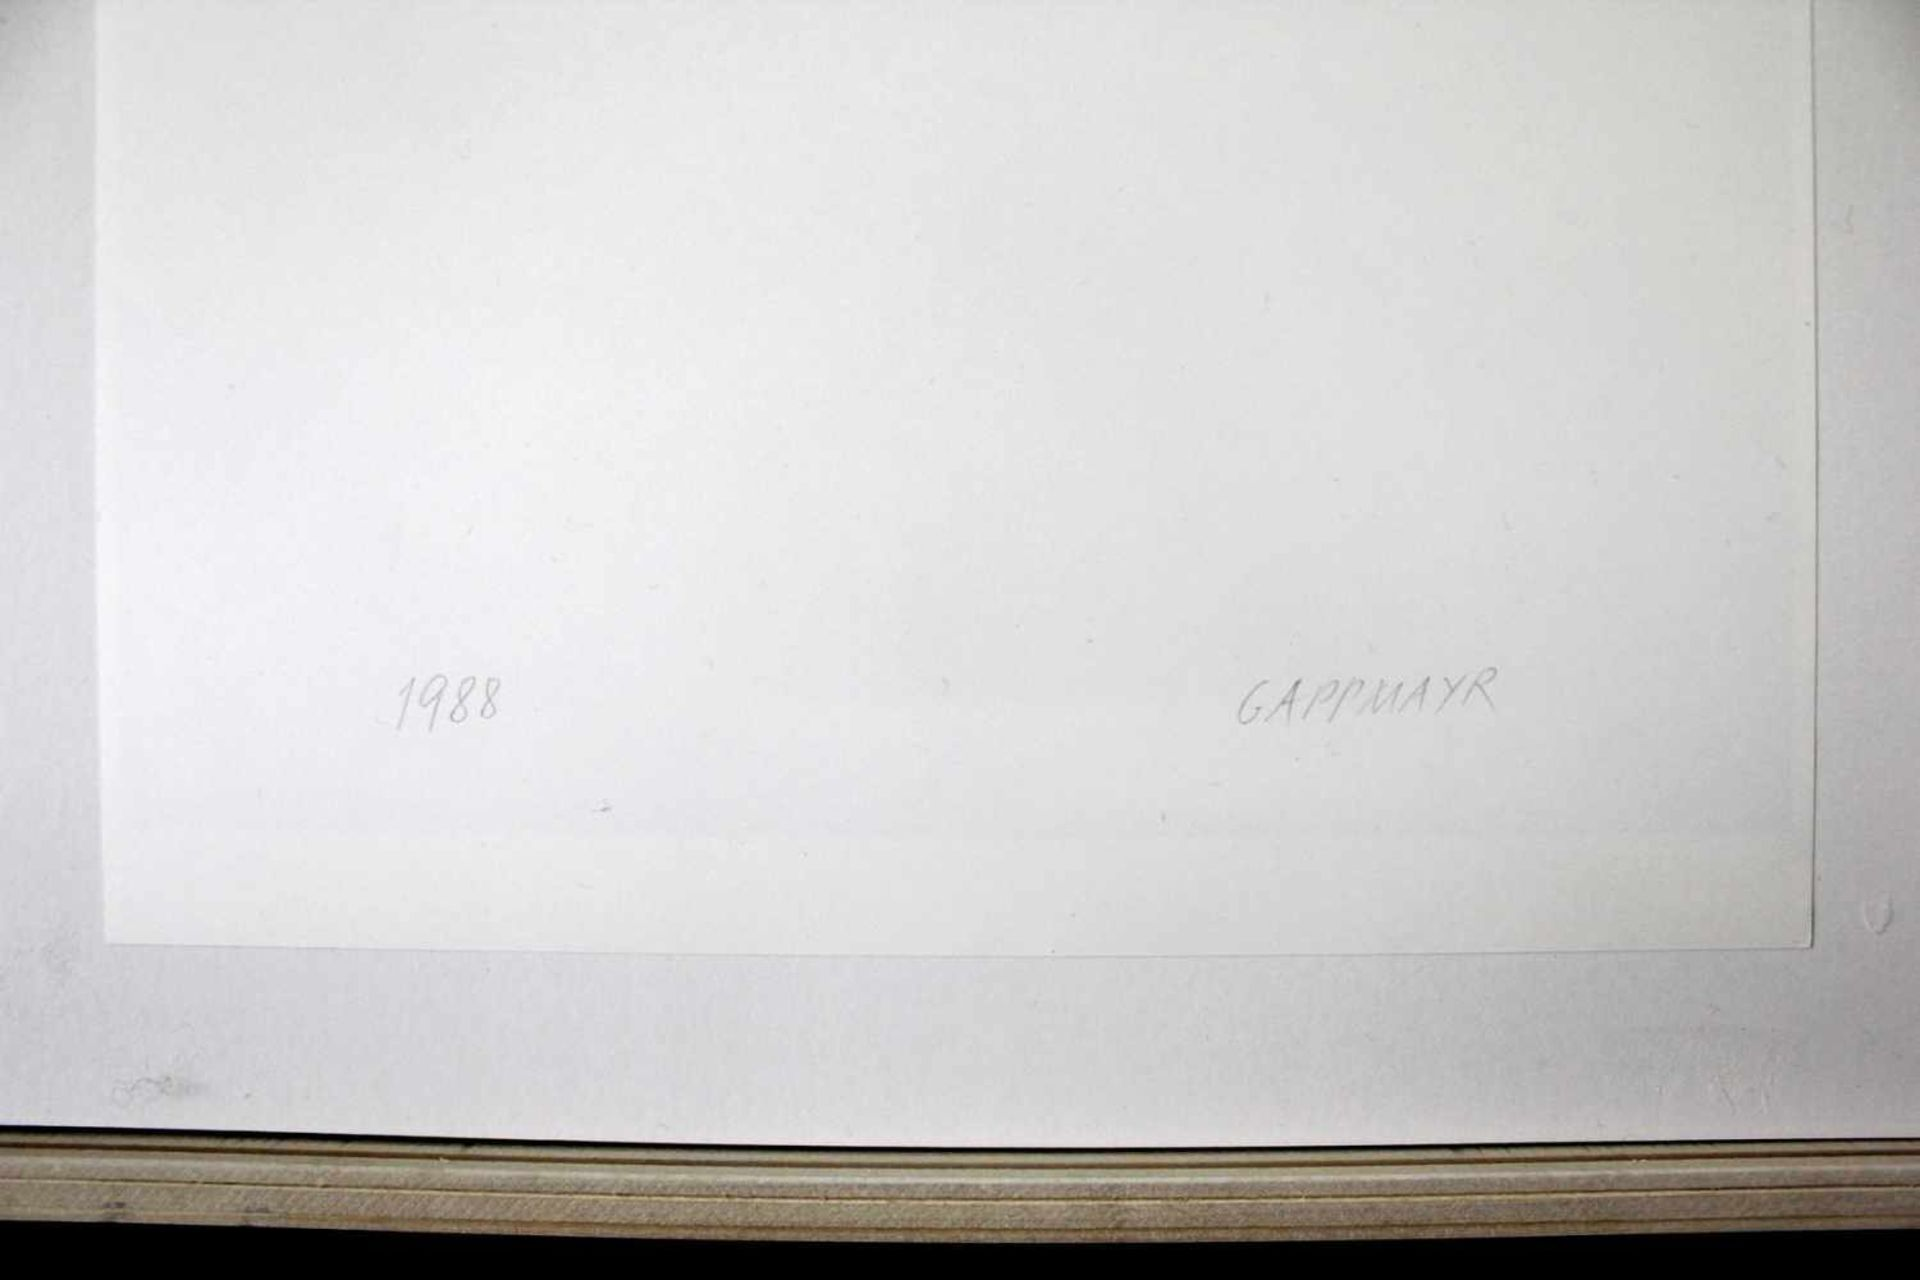 Heinz Gappmayr 1925 - 2010 Quadrato 1988 Offset-Druck handsigniert und datiert verso 42 x 30 cm - Bild 3 aus 3